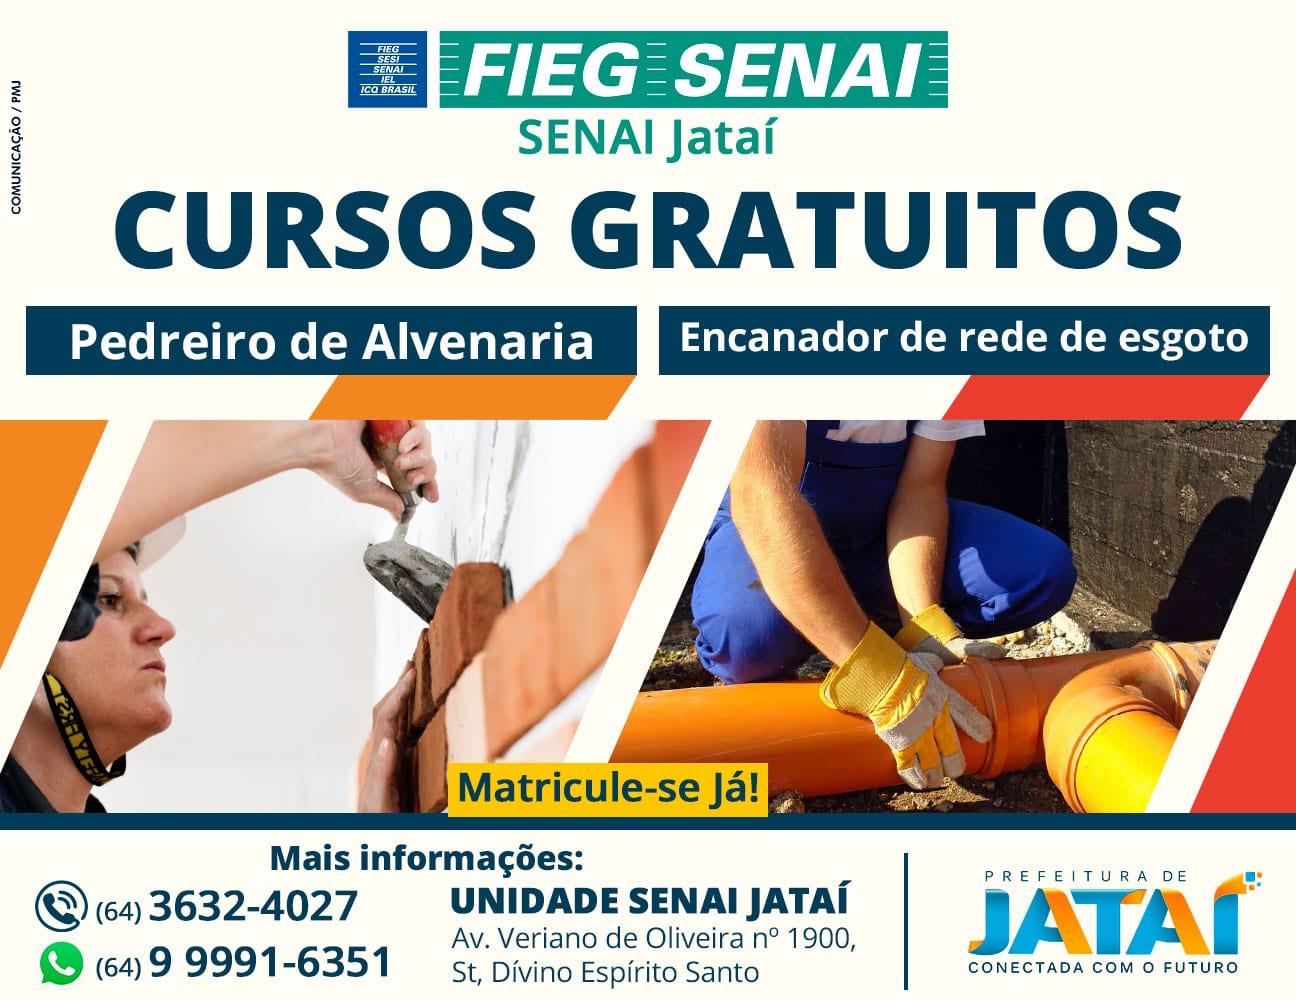 0cd5b3502f34 Inscrições abertas para cursos gratuitos pelo Senai em parceria com ...